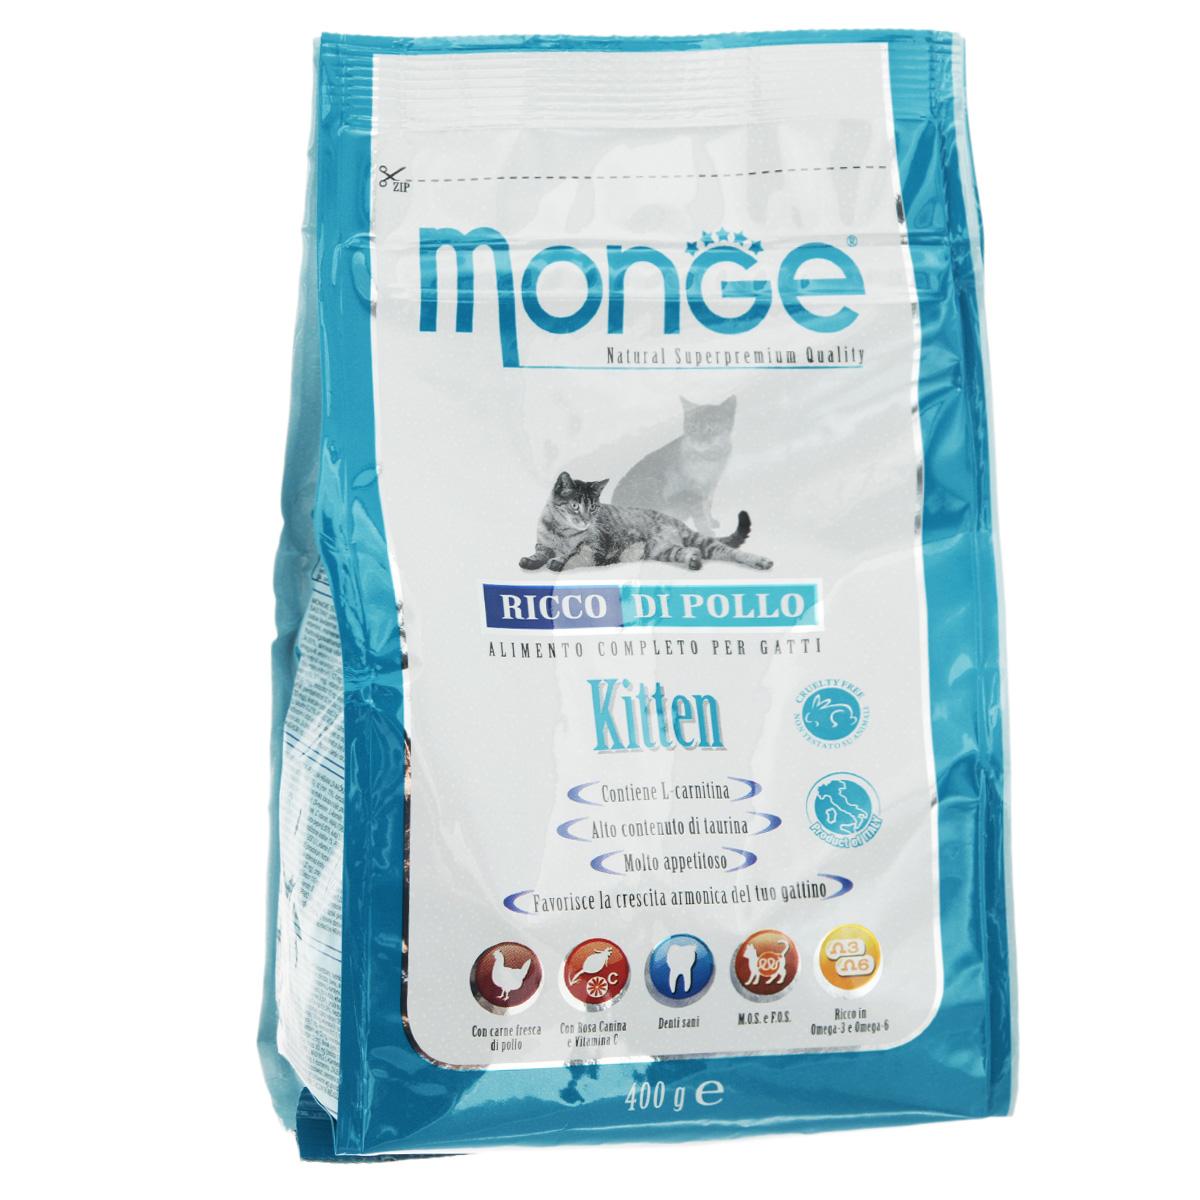 Корм сухой Monge для котят 400 г70004862Сухой корм Monge - это полноценный рацион для котят. Для ваших котят моложе года, а также для беременных и кормящих кошек, данный корм является идеальным для здорового и сбалансированного роста. В корме содержатся продукты, богатые белками высокой биологической ценностью, обеспечивая ваших питомцев необходимыми пищевыми и энергетическими потребностями в питании. Более того, оптимальное соотношение жирных кислот Омега-3 и Омега-6 эффективно борются с аллергическими реакциями. Состав корма обеспечит здоровое сердце и остроту зрения, а также идеальный контроль над кишечной флорой. Высокое содержание глюкозамина и хондроитина способствует здоровым суставам.Состав: куриное мясо (свежее мин. 10%, обезвоженное 38%), кукурузный глютен, кукуруза, рис (мин. 6%), куриное масло, свекольный жом, масло лосося, дрожжи, яичный крахмал, целлюлоза (волокна гороха), Юкка Шидигера, фруктоолигосахариды 336 мг/кг, маннан-олигосахариды 336 мг/кг.Анализ: протеин 34%, масла и жиры 20%, сырая клетчатка 2,5%, сырая зола, 8,5% магний 0,15%, кальций 1,8%, фосфор 1,37%, линолевая кислота 4,60%, Омега-6 3,74%, Омега-3 0,76%.Пищевые добавки, витамины: витамин А 25750 МЕ/кг, витамин D3 1788 МЕ/кг, витамин Е 165 мг/кг, витамин С 46 мг/кг, таурин 917 мг/кг, холина хлорид 200 мг/кг, хлорид натрия 3820 мг/кг, витамин B1 19 мг/кг, витамин B2 13 мг/кг, витамин В6 6 мг/кг, витамин В12 1,14 мг/кг, биотин 0,34 мкг / кг, витамин РР 32 мг/кг, цинк 140 мг/кг, железо 87 мг/кг, марганец 33 мг/кг, медь 14 мг/кг, йод 0,87 мг/кг, аминокислоты (метионин 685 мг/кг).Товар сертифицирован.Уважаемые клиенты! Обращаем ваше внимание на возможные изменения в дизайне упаковки. Качественные характеристики товара остаются неизменными. Поставка осуществляется в зависимости от наличия на складе.